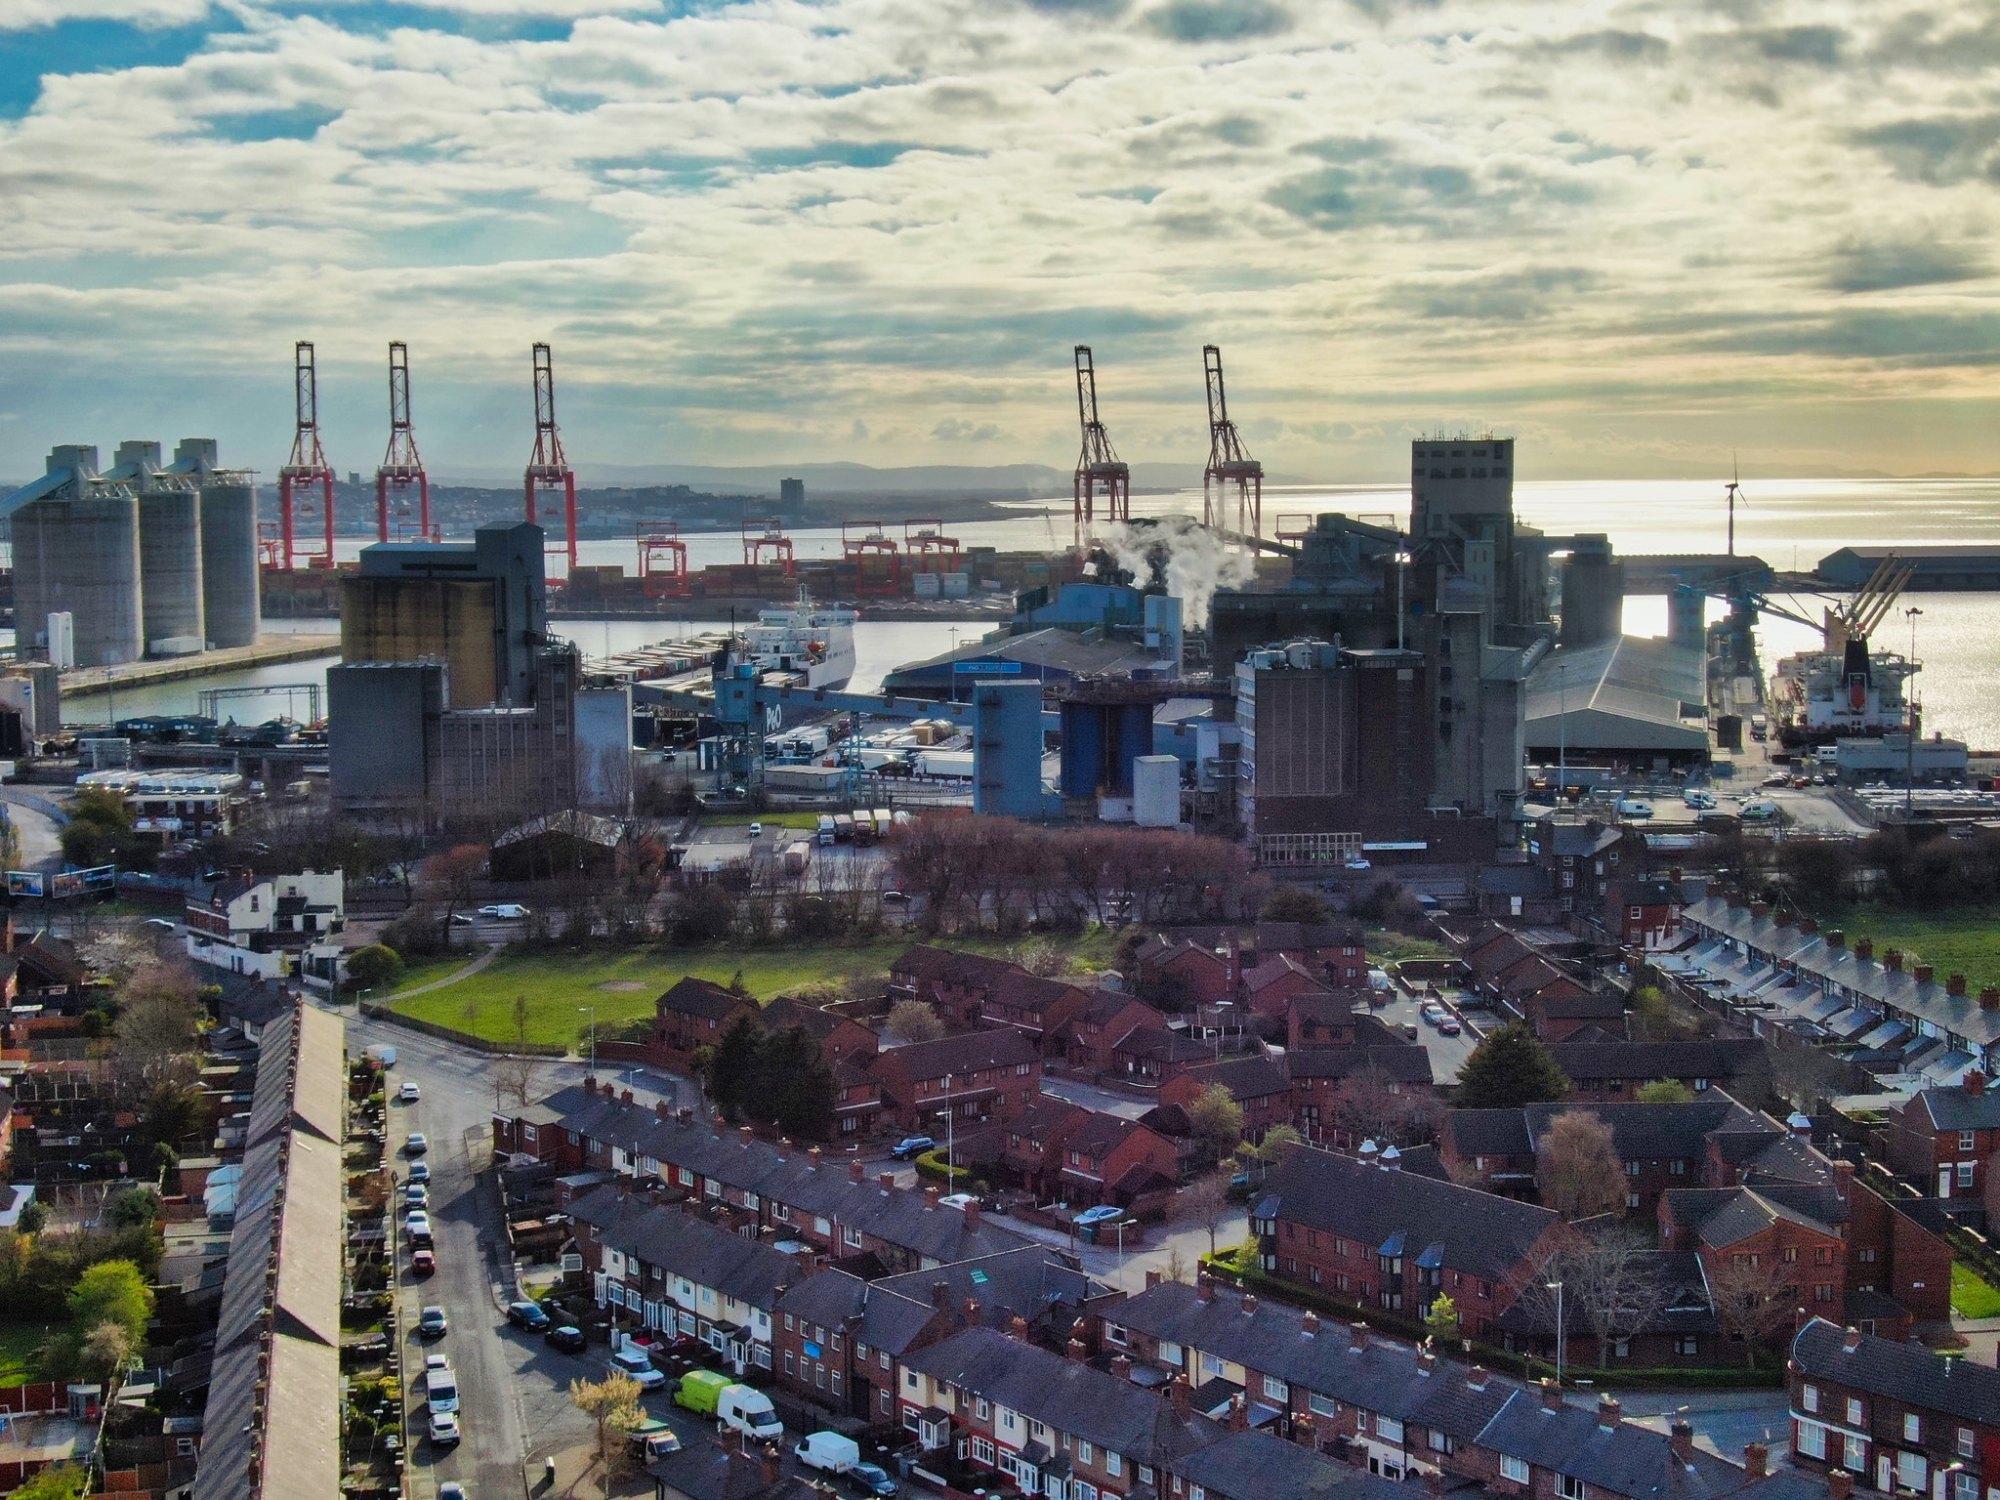 Seaforth Docks by Day